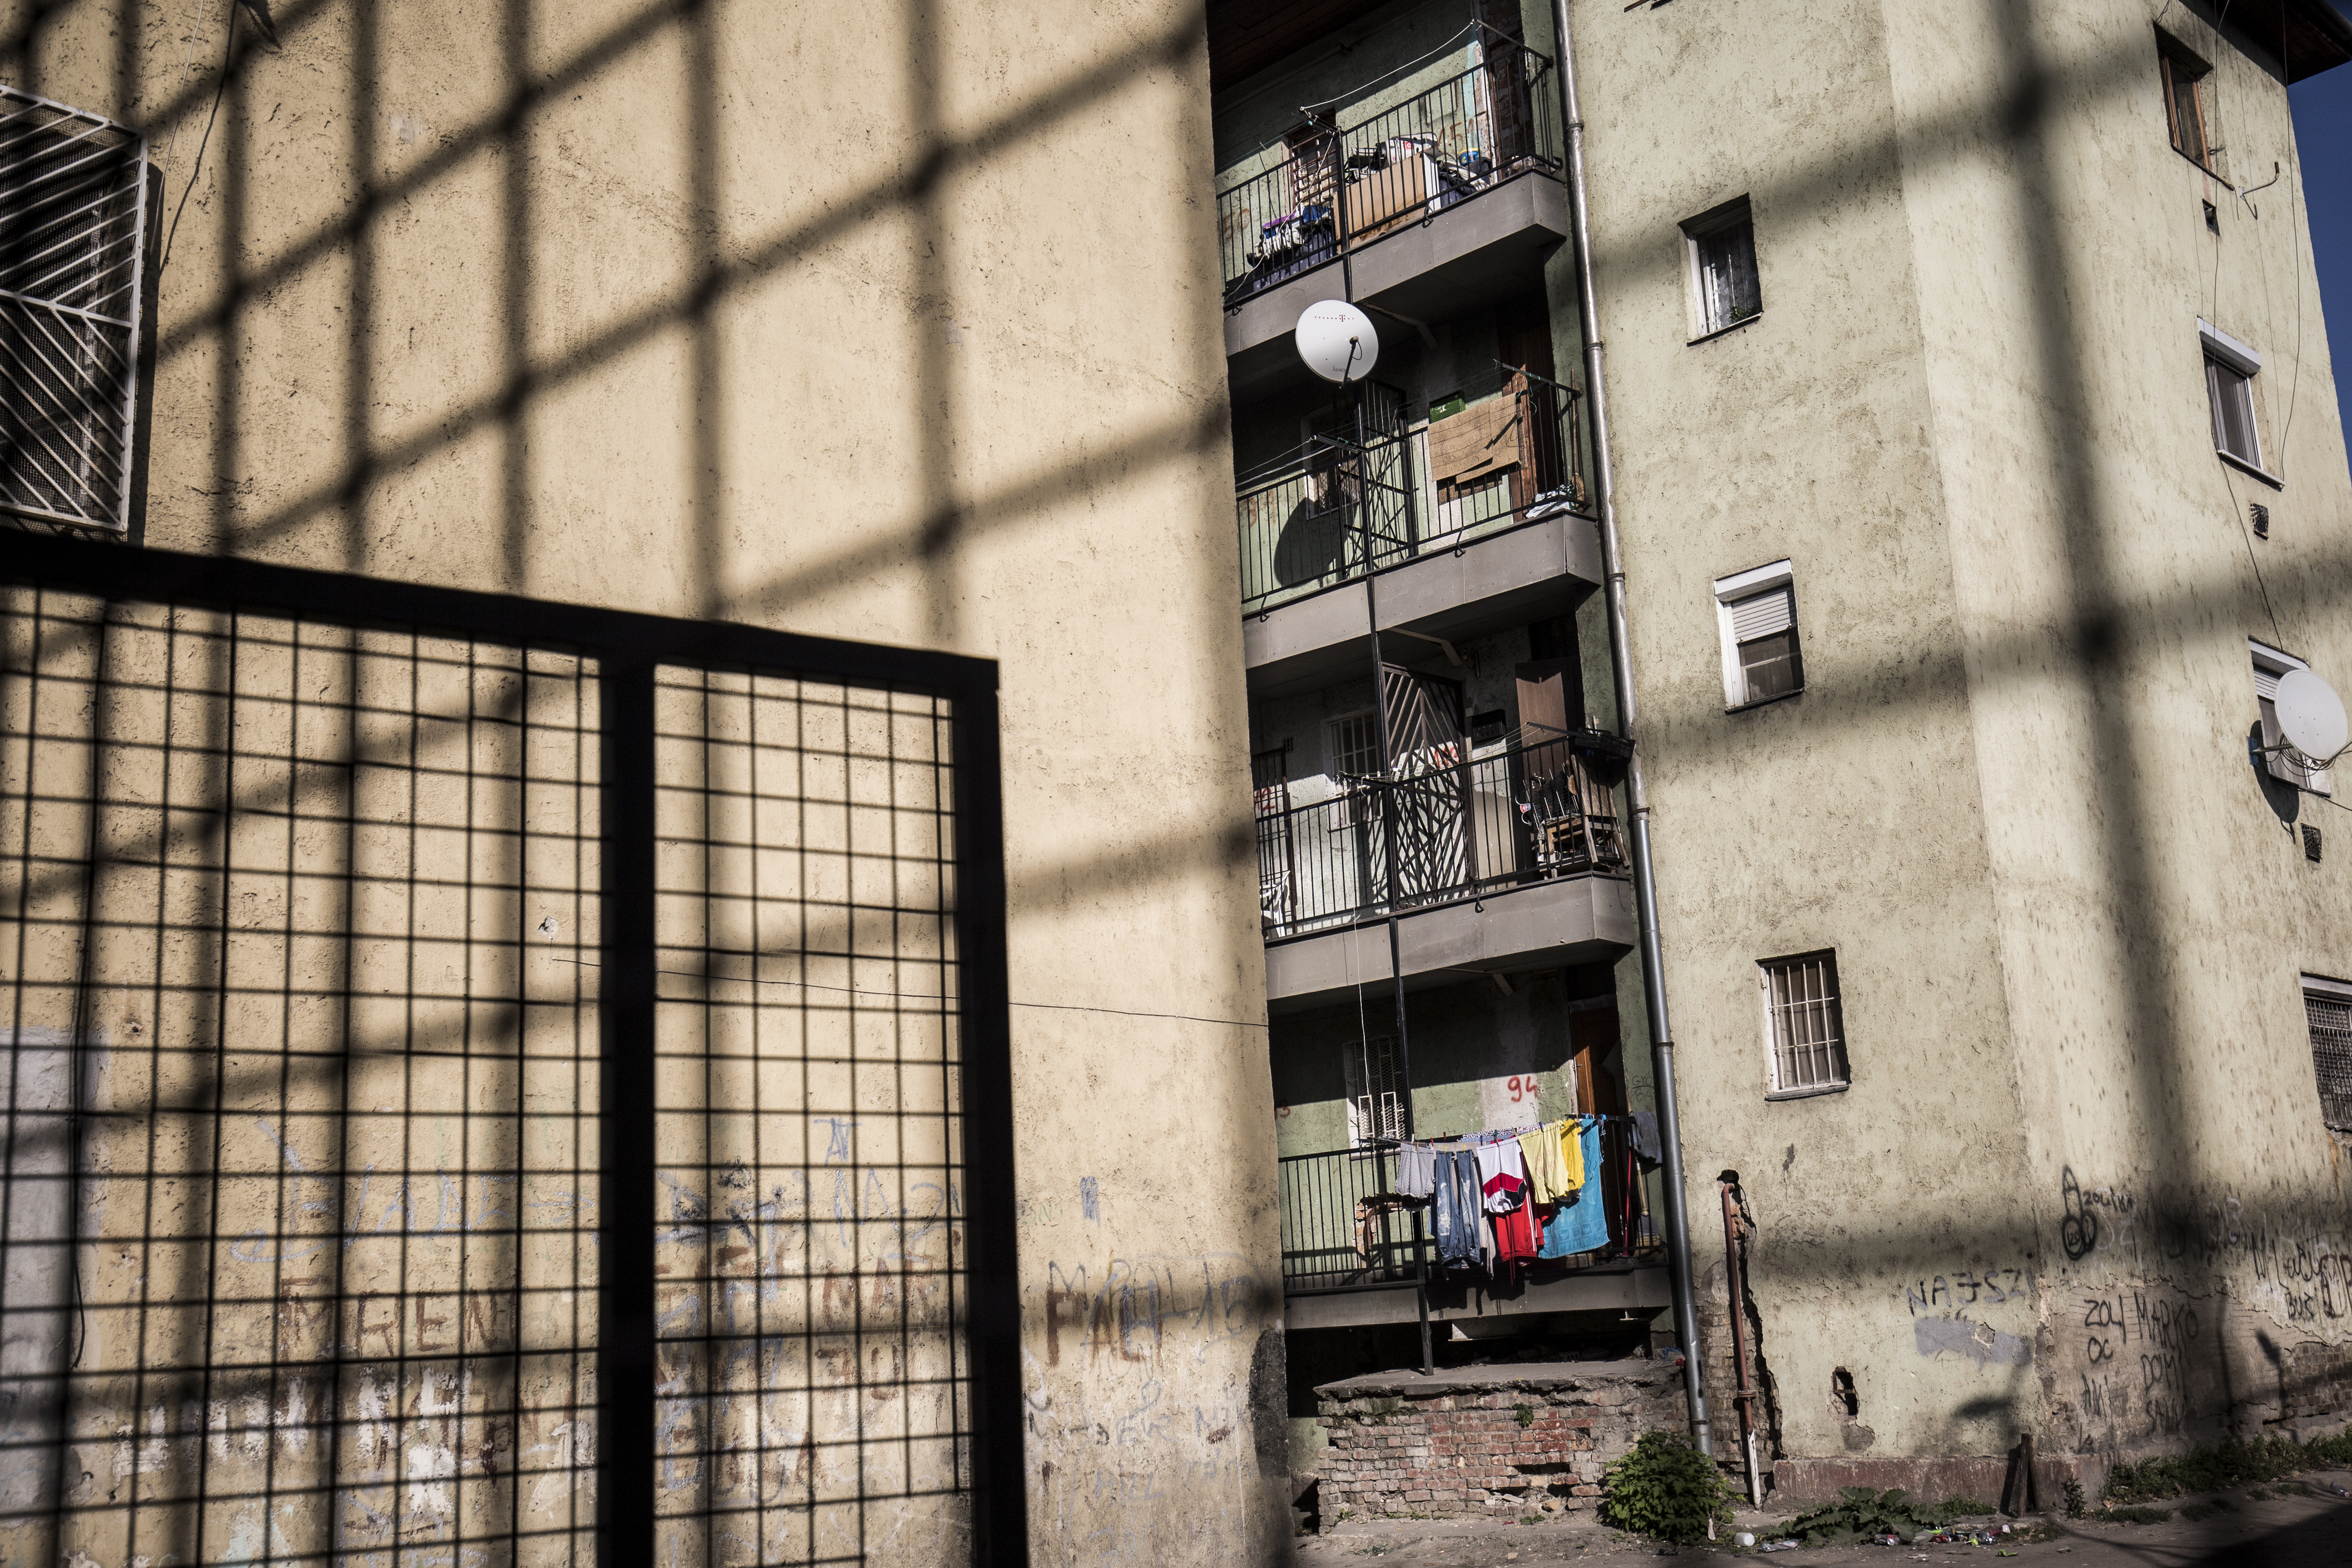 Tízmillióból építenek most kerítést köré, jövőre pedig elbontják a Hős utcai gettót